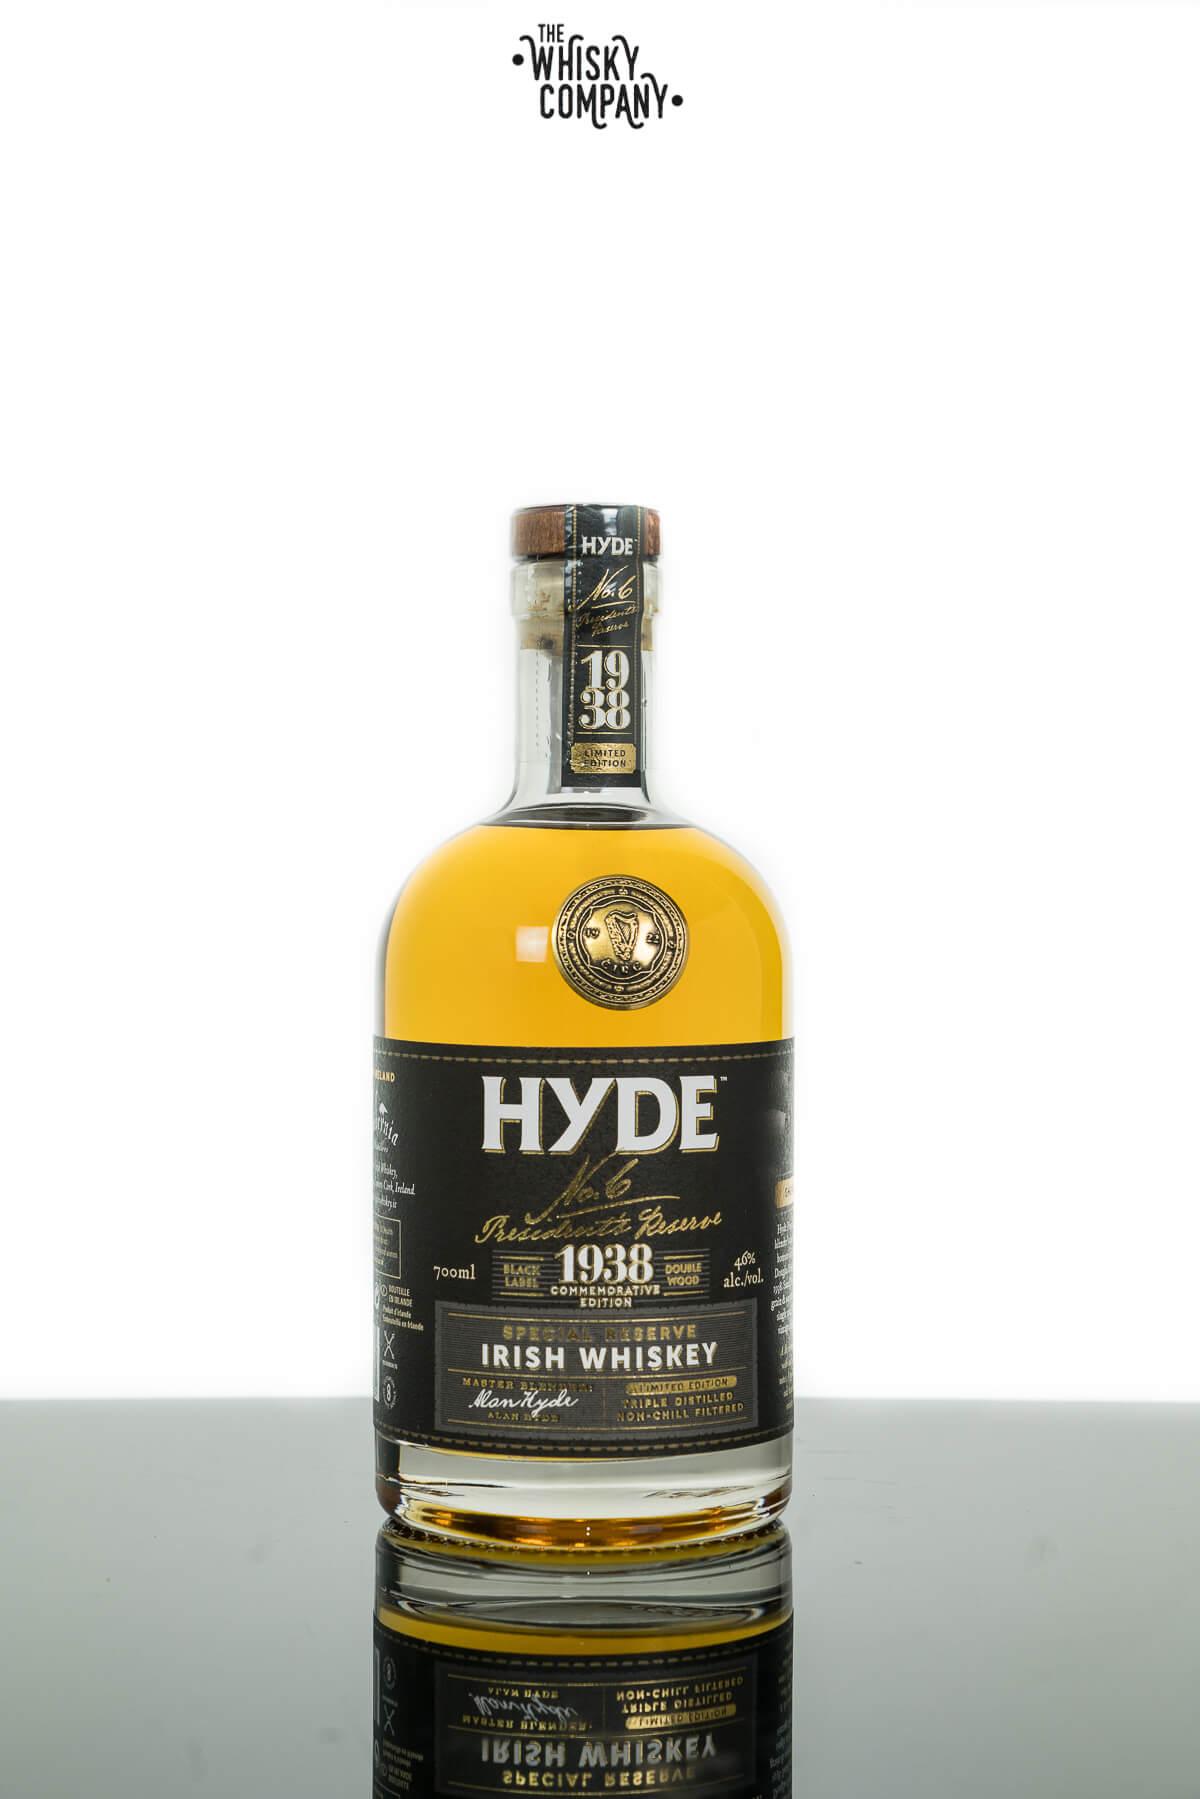 Hyde No. 6 President's Reserve Blended Malt Irish Whiskey (700ml)